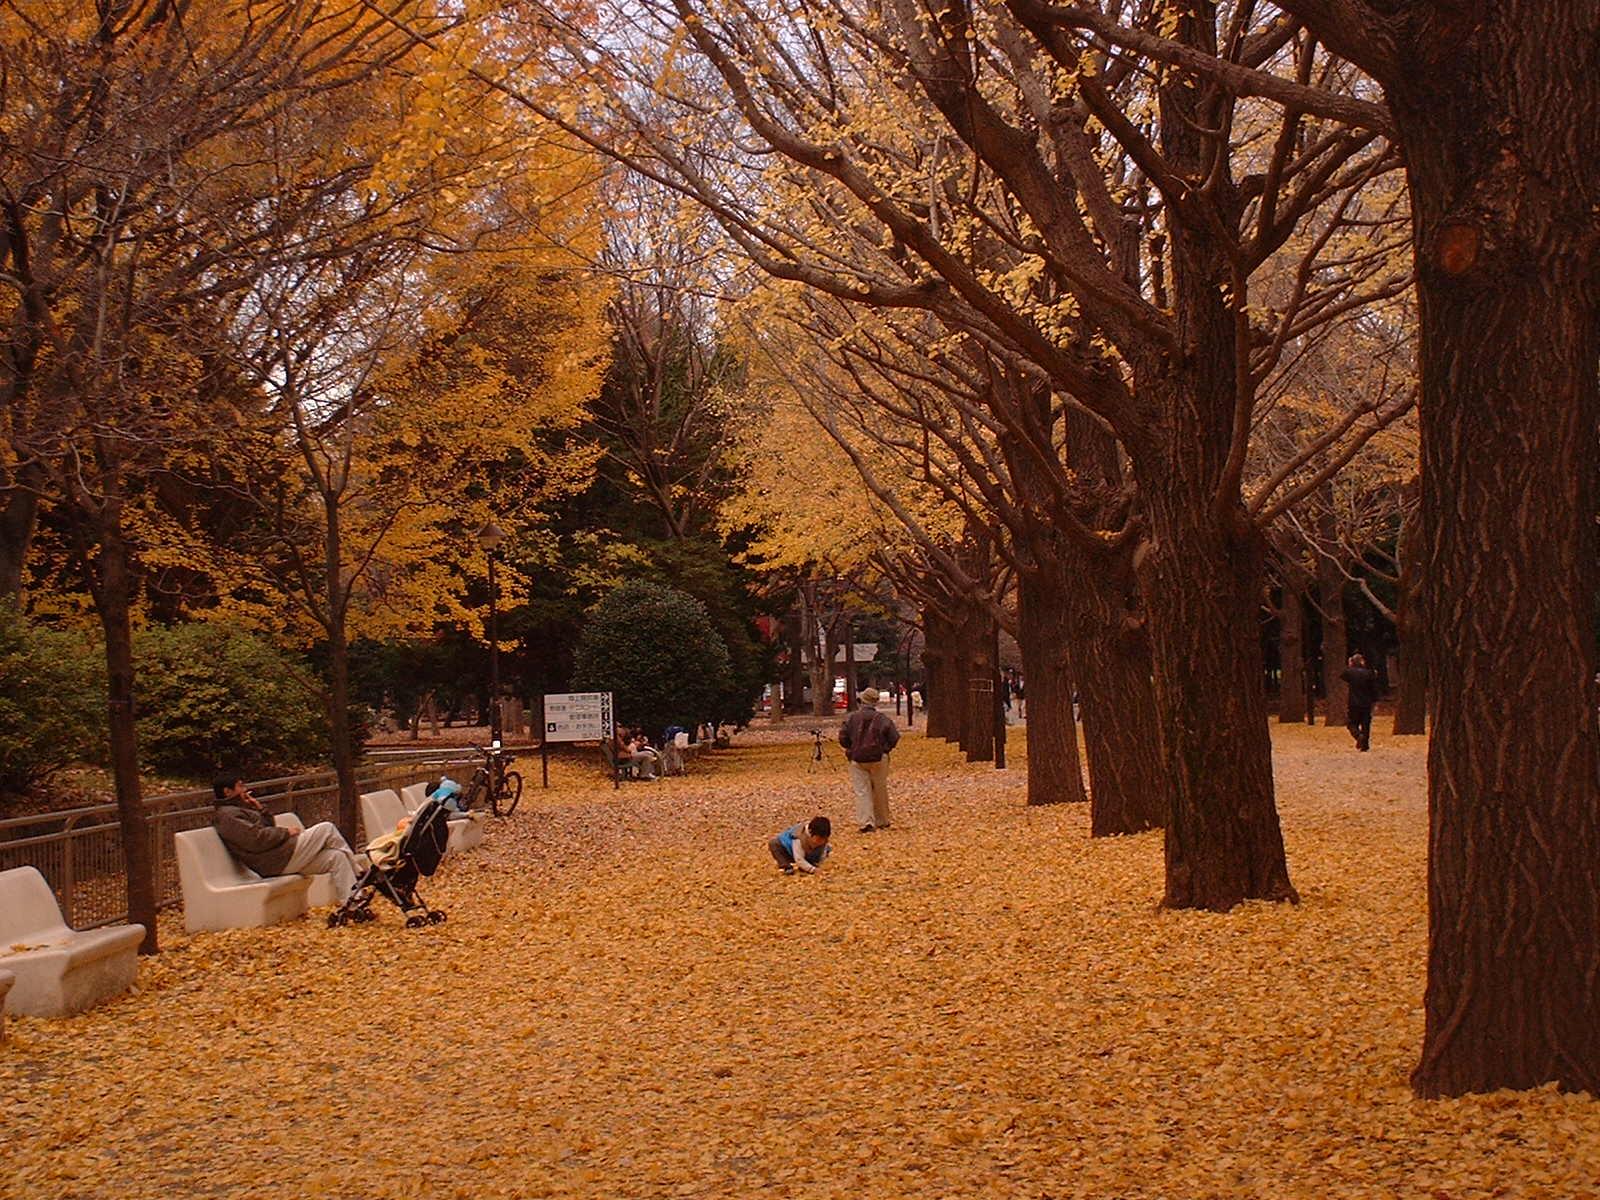 光が丘公園の銀杏の落ち葉のじゅうたん